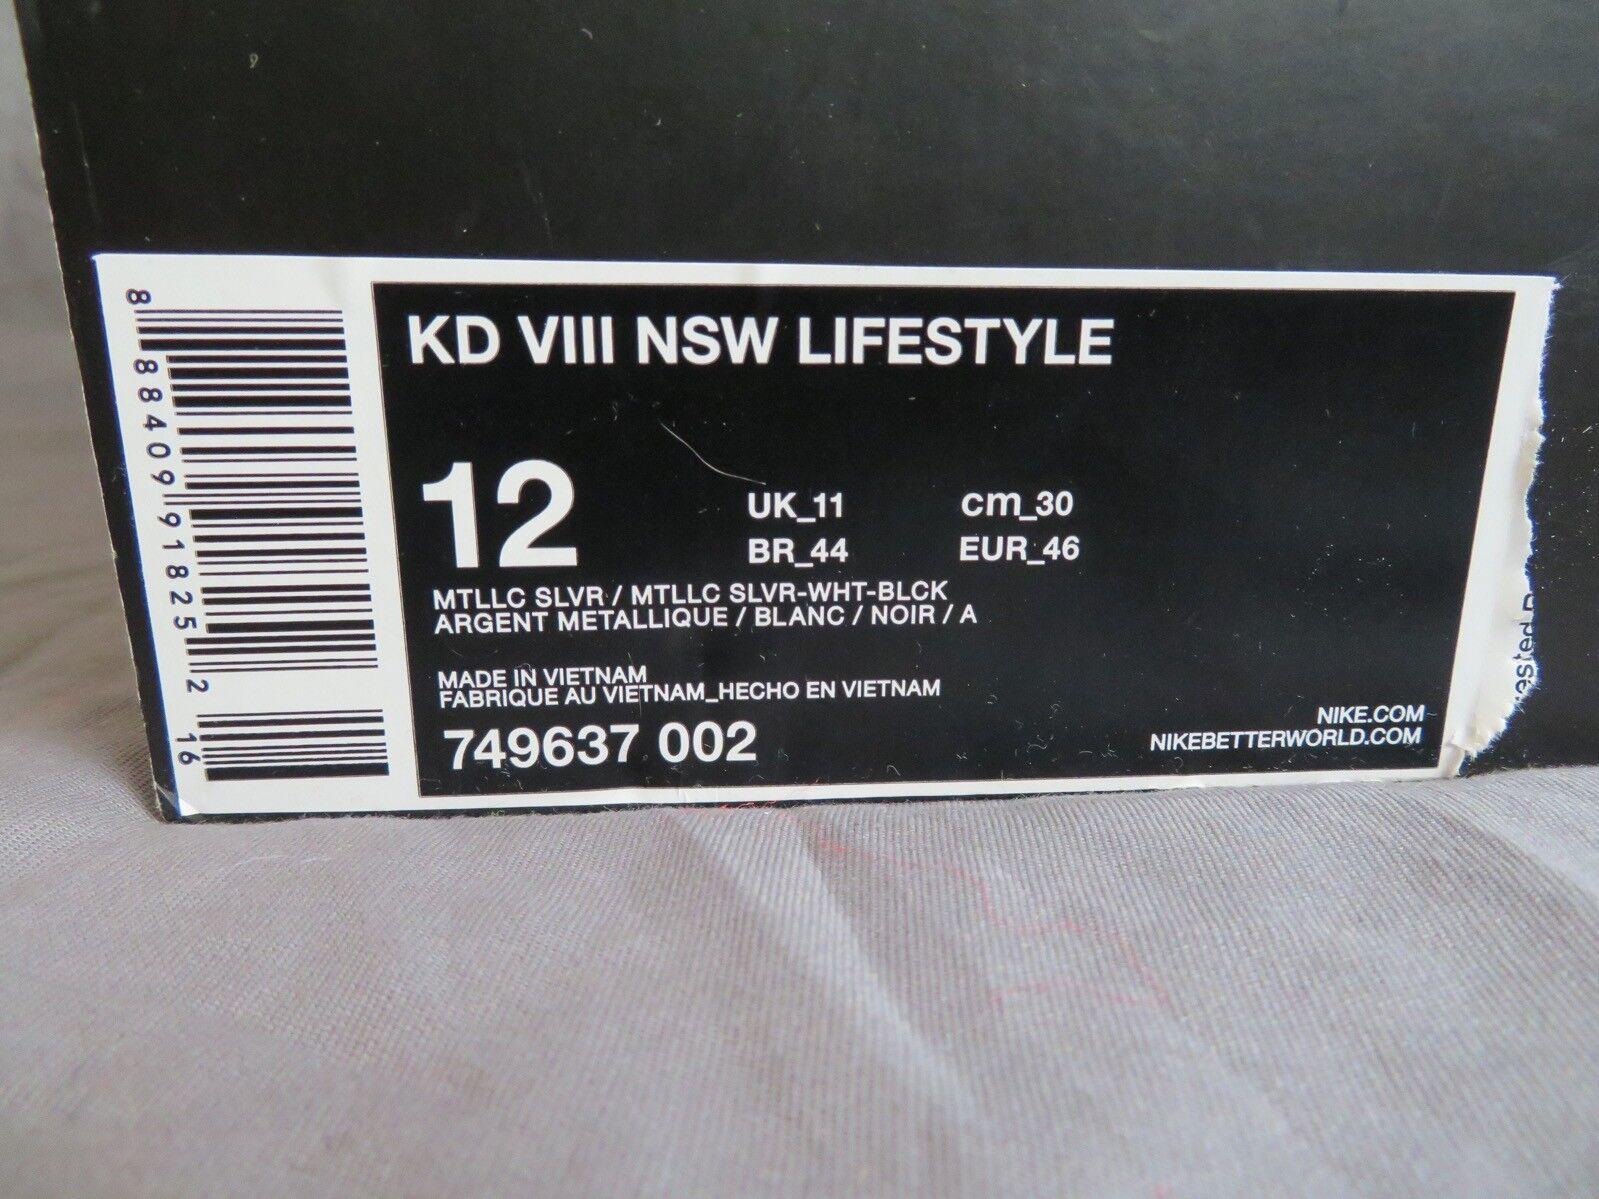 Da Uomo Kd VIII NSW NSW NSW Lifestyle 749637 002 Metallizzato argentoo Bianco Nero d5e170